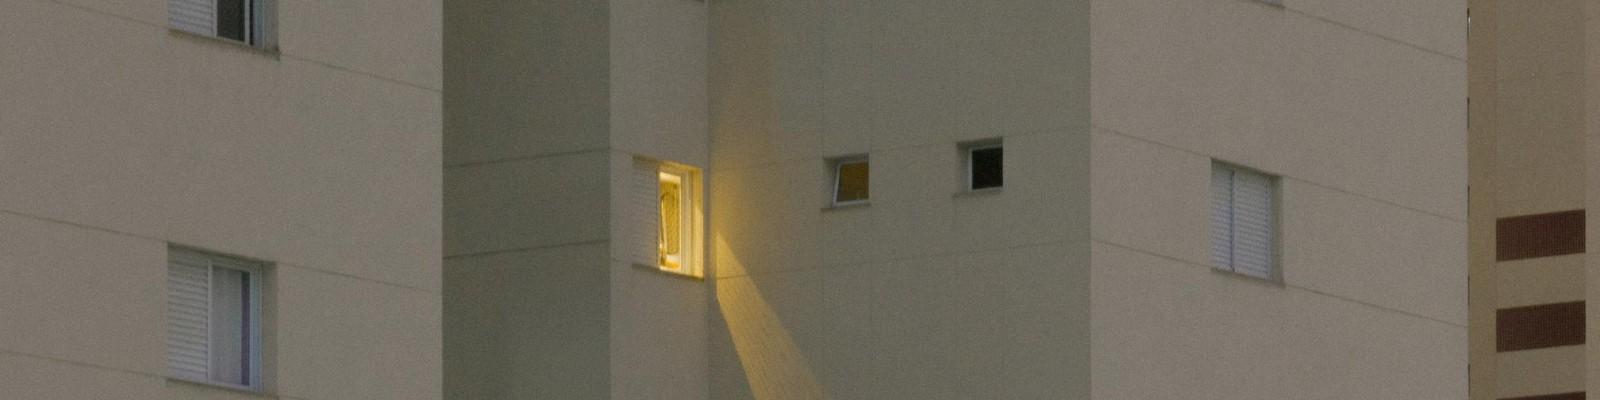 {:uk}Страхування квартир (класична програма){:}{:ru}Страхование квартир (классическая программа){:}